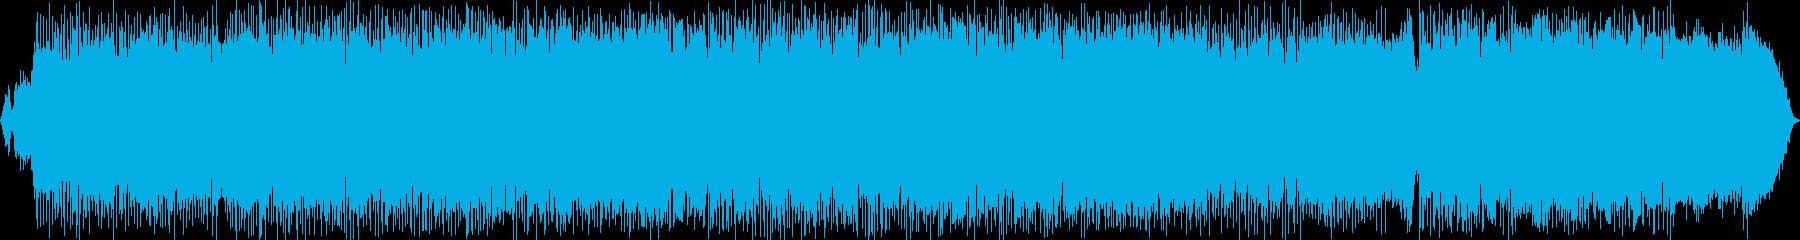 湘南をイメージしたポップスソングの再生済みの波形